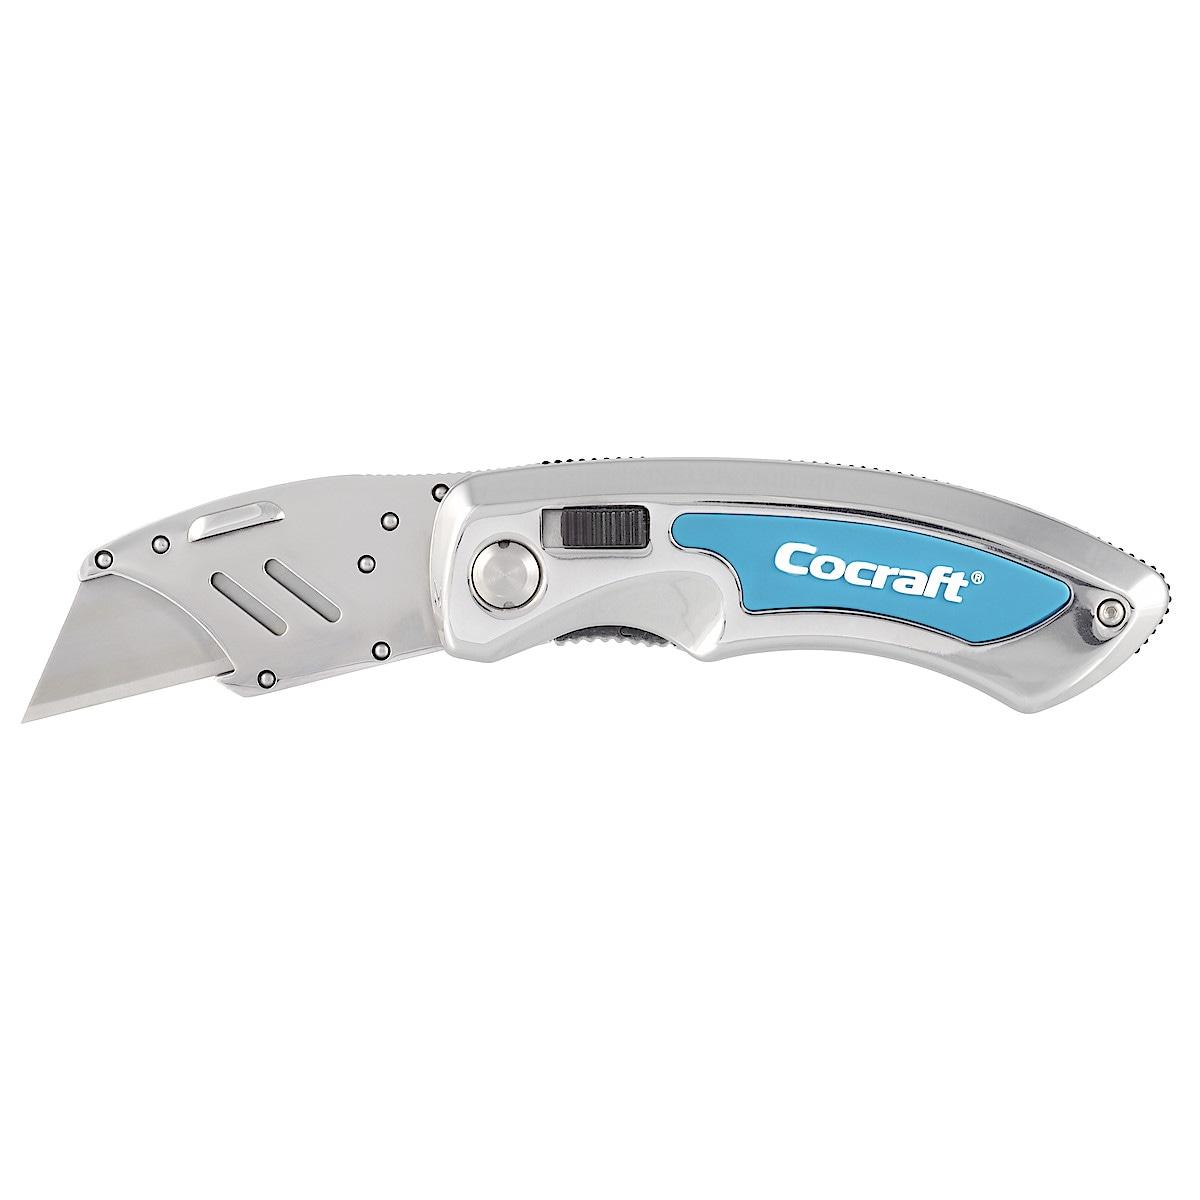 Fällkniv Cocraft för universalblad